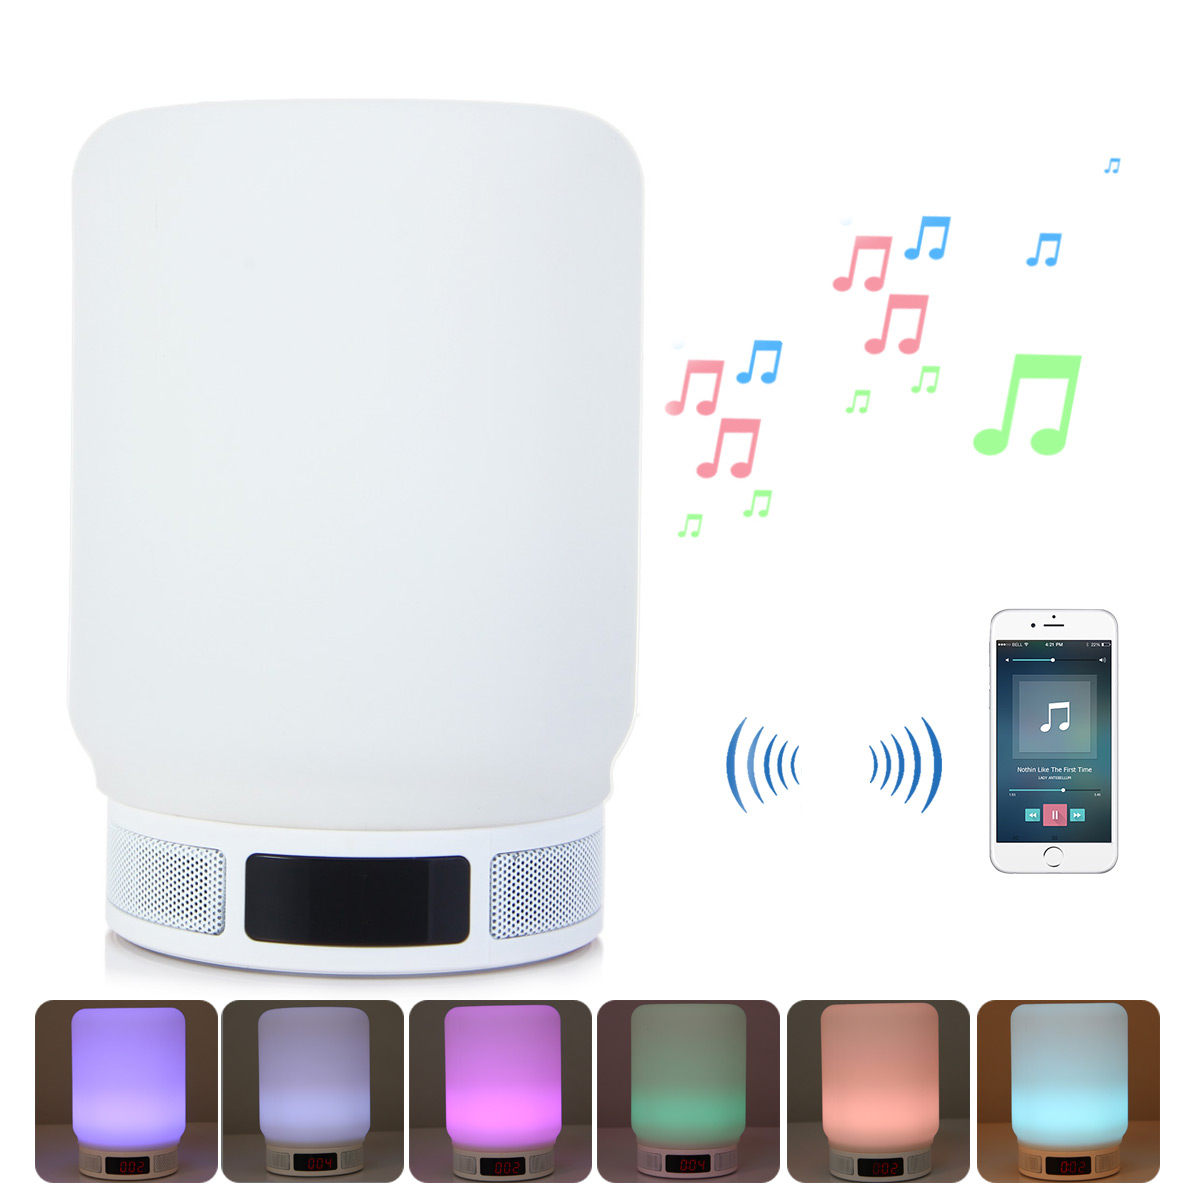 100% QualitäT Mesuvida Beweglicher Drahtloser Bluetooth Lautsprecher Wunderlampe Led Bunte Lcd Zeitanzeige Handfree App Steuer Tf-karte Wecker